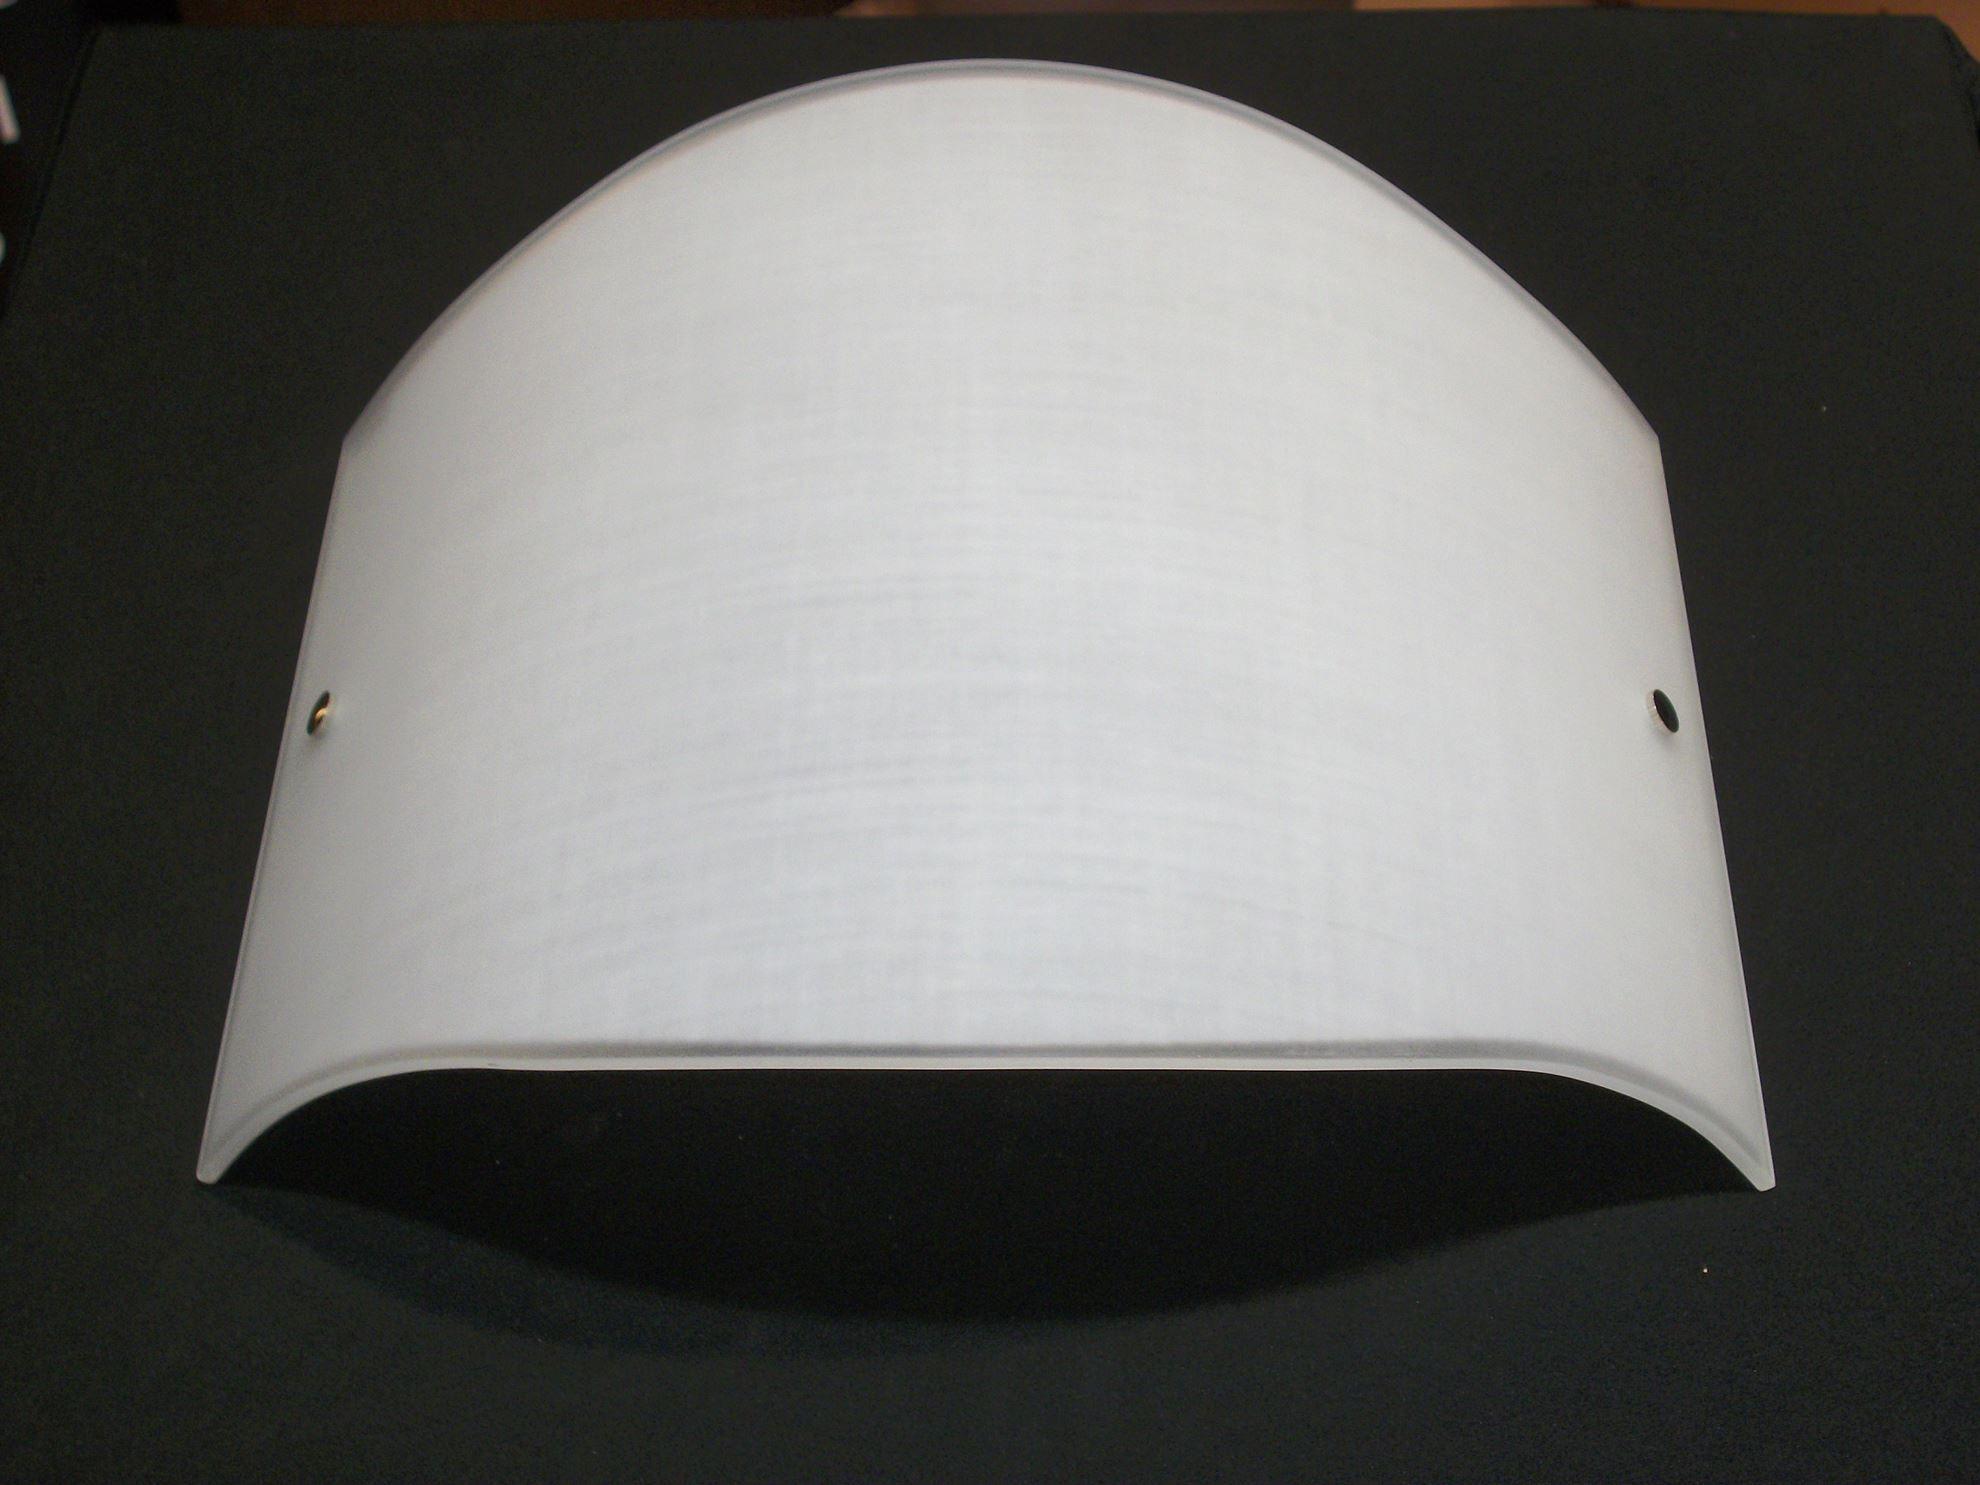 Applique a parete in vetro bianco decorato tipo tessuto con